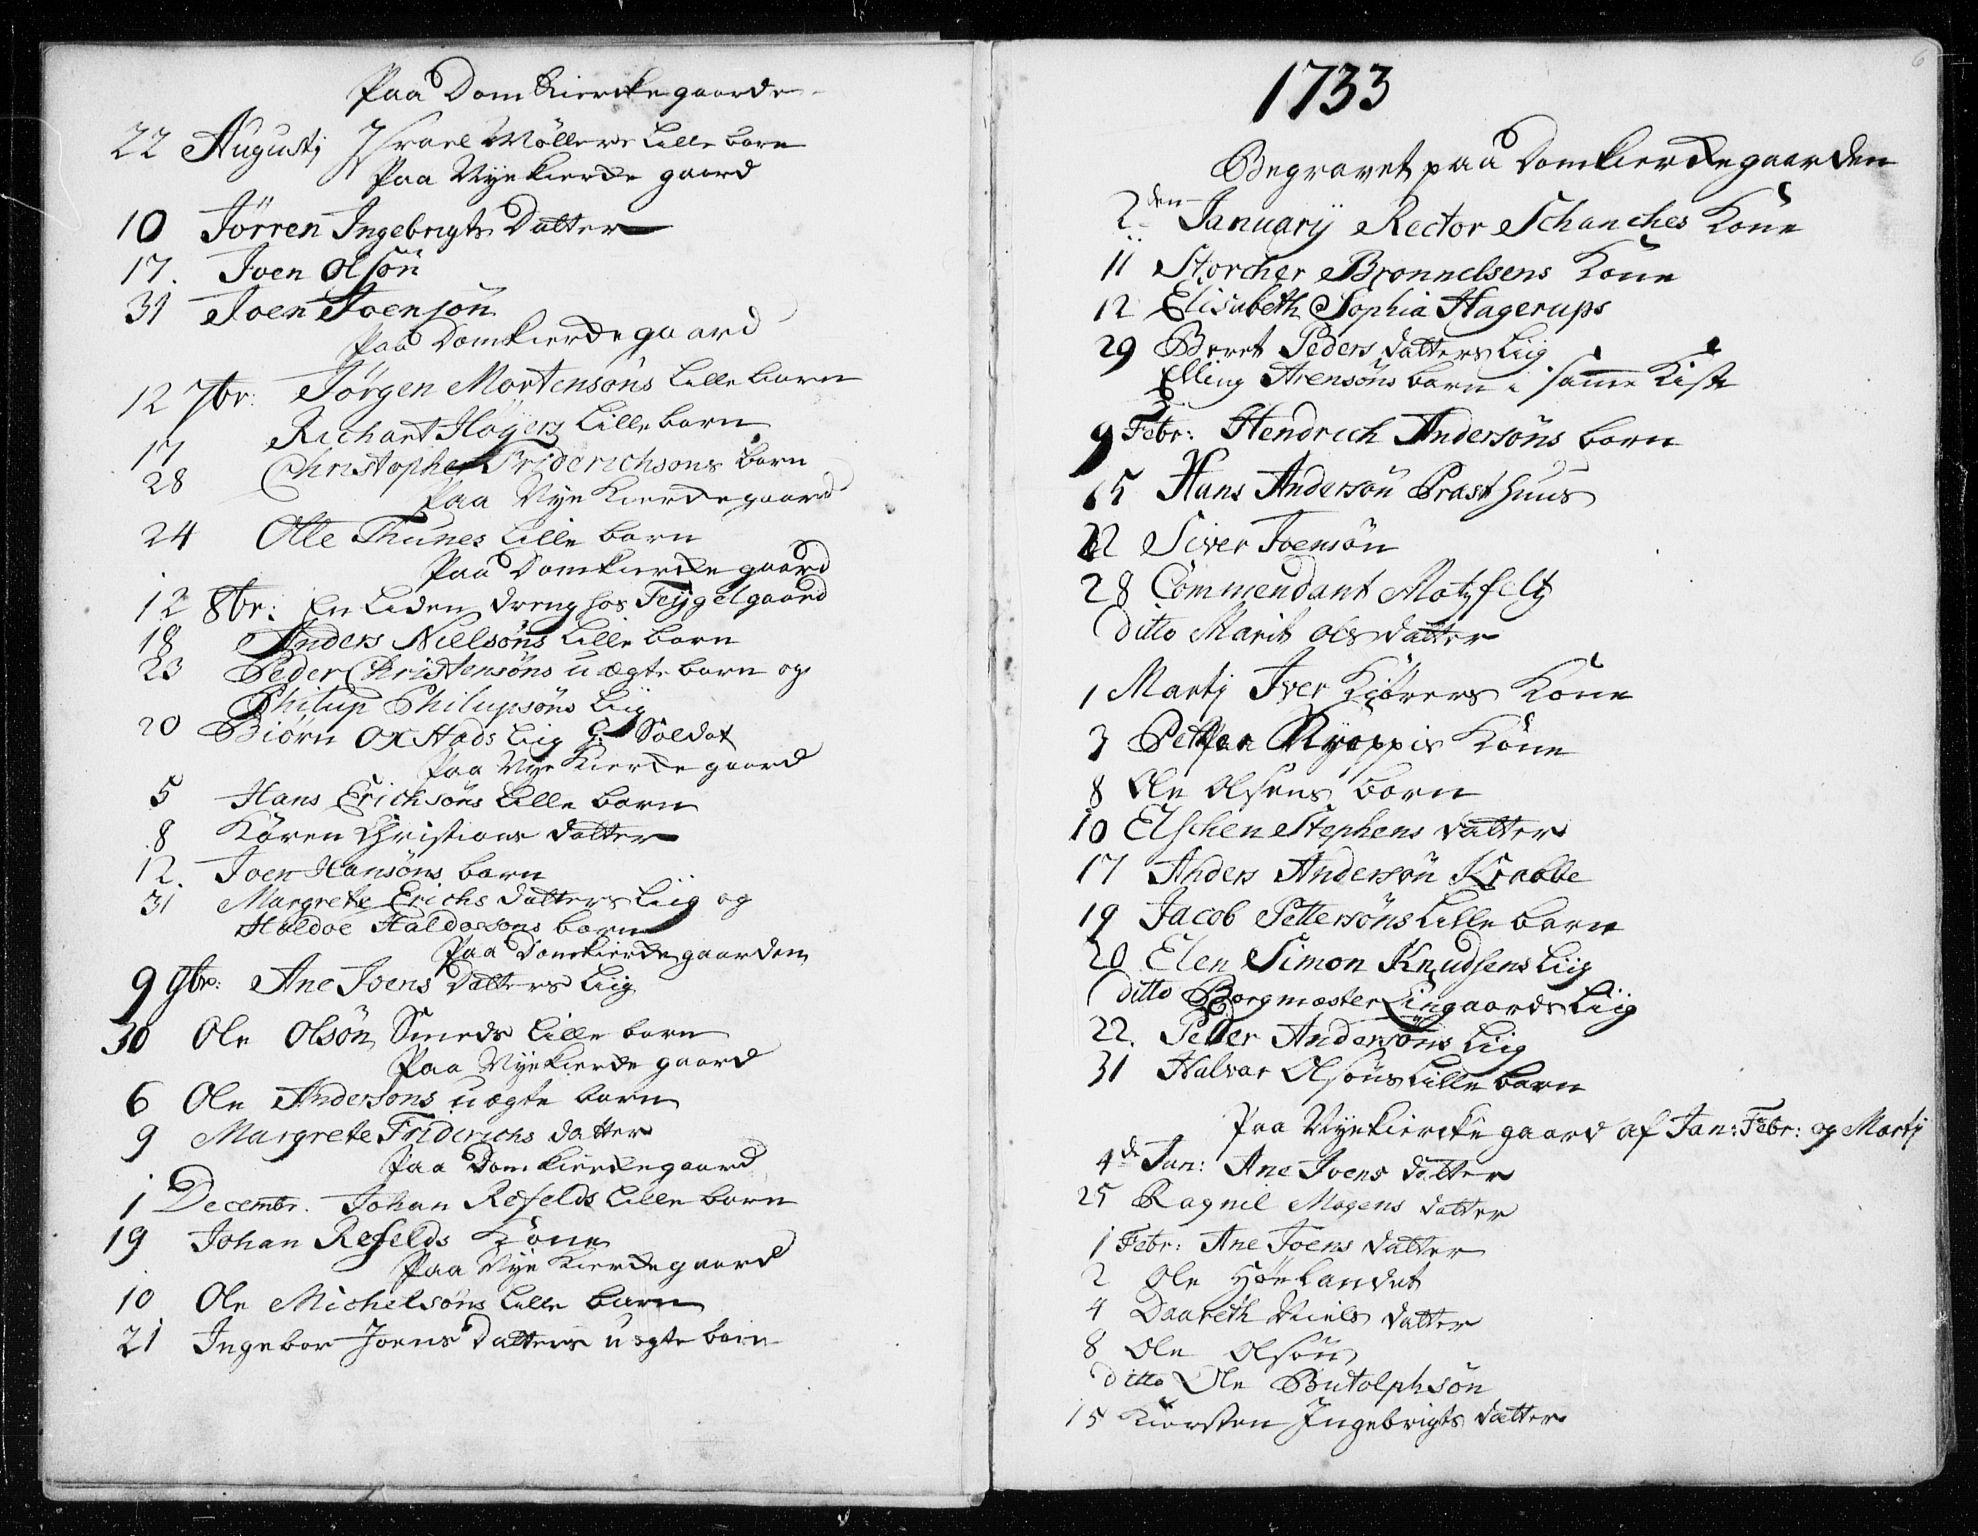 SAT, Ministerialprotokoller, klokkerbøker og fødselsregistre - Sør-Trøndelag, 601/L0037: Ministerialbok nr. 601A05, 1729-1761, s. 6